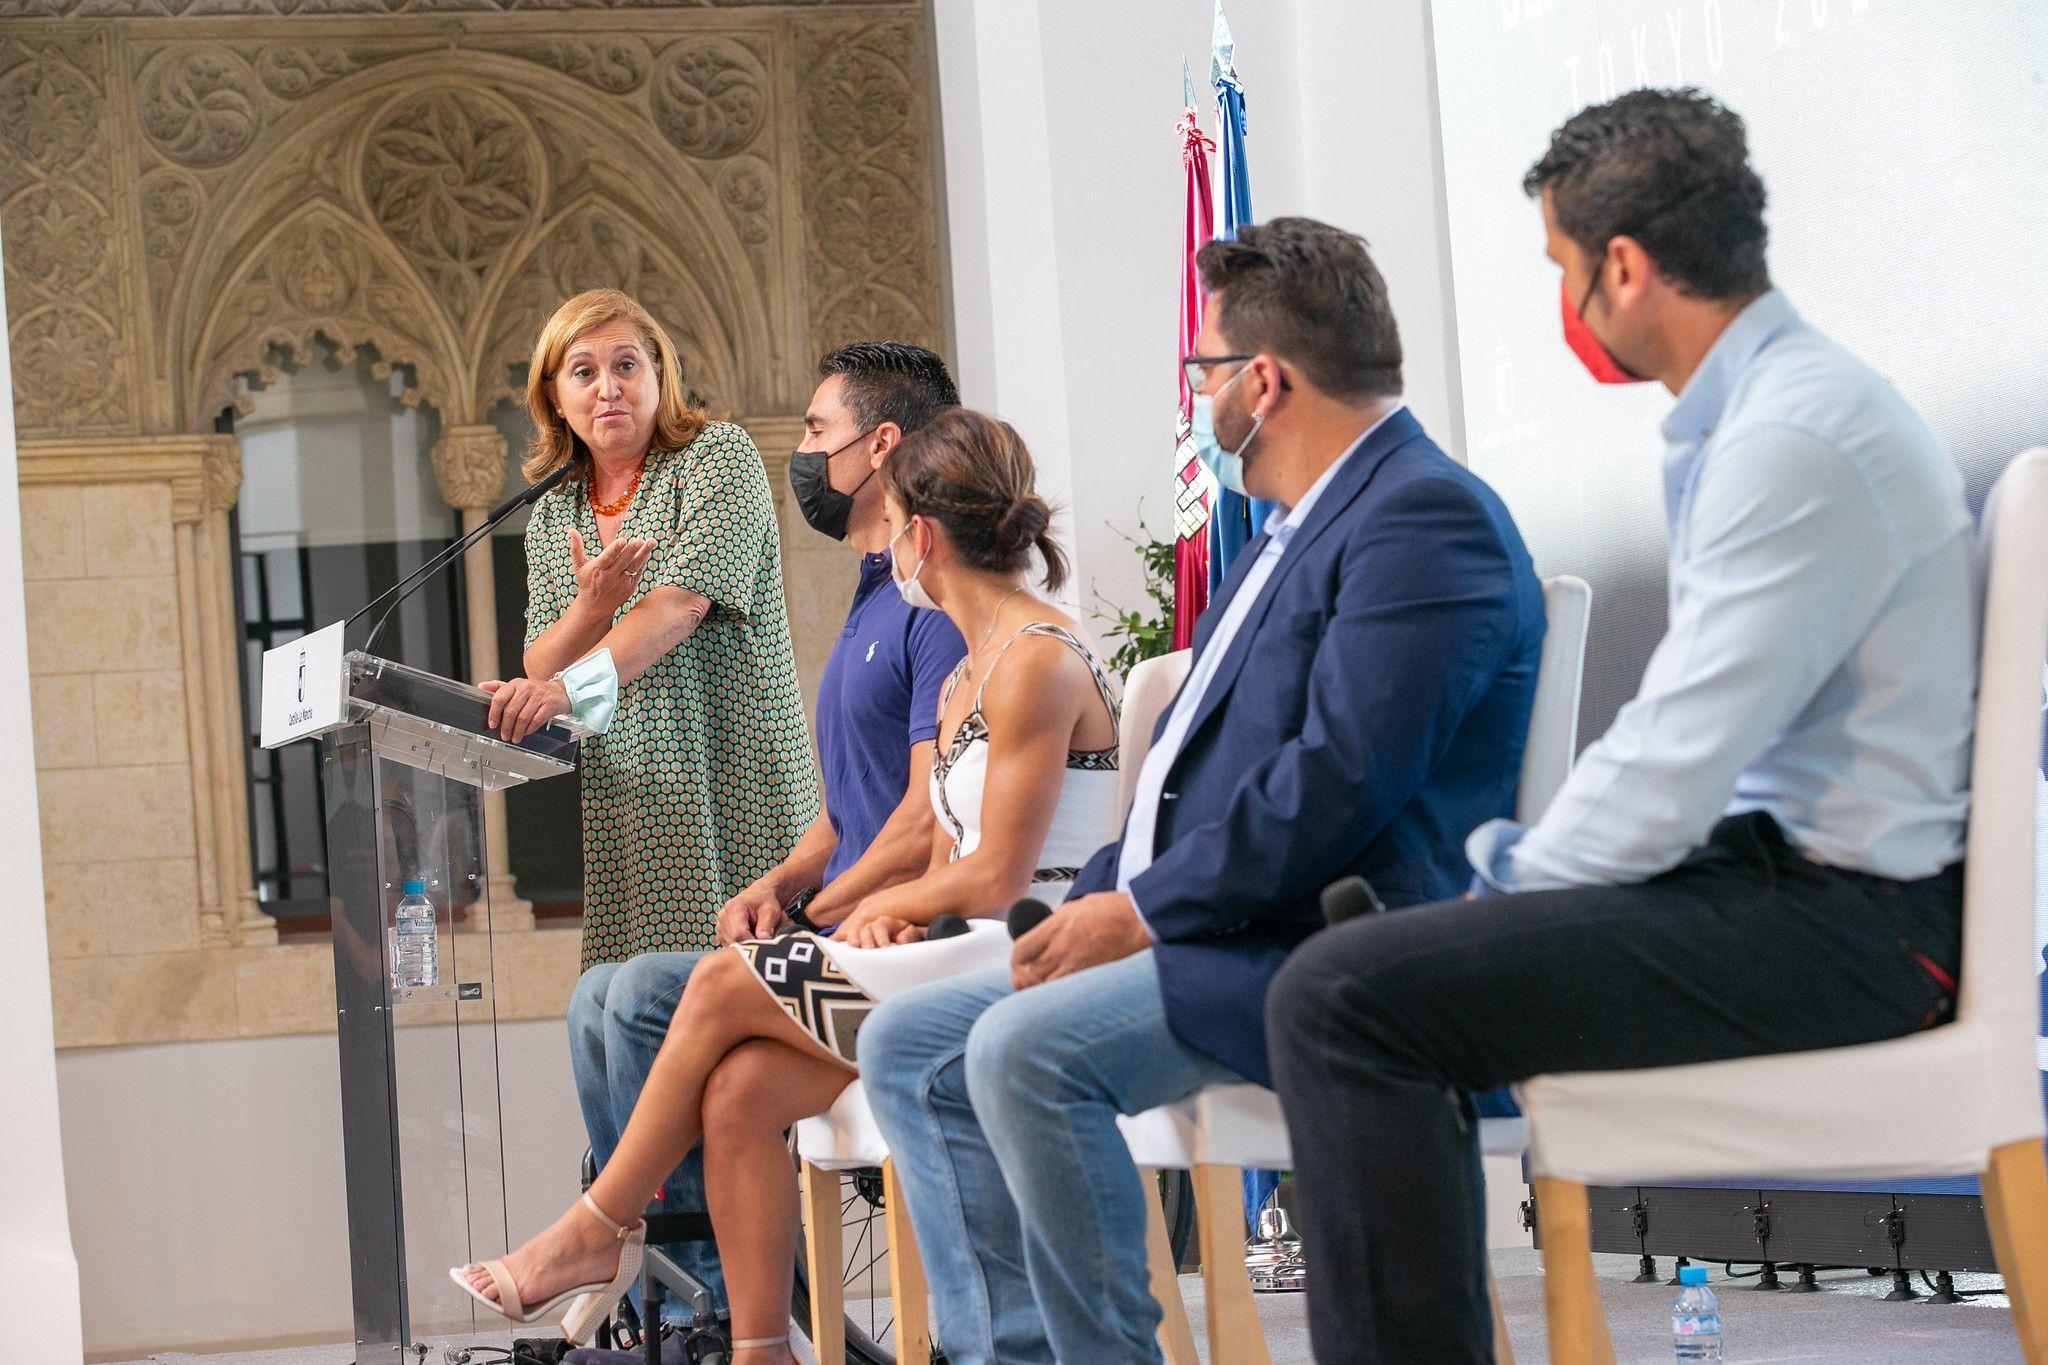 El Gobierno regional señala que los olímpicos y paralímpicos castellanomanchegos son un referente para todos, pero sobre todo para los niños y niñas que se inician en el deporte